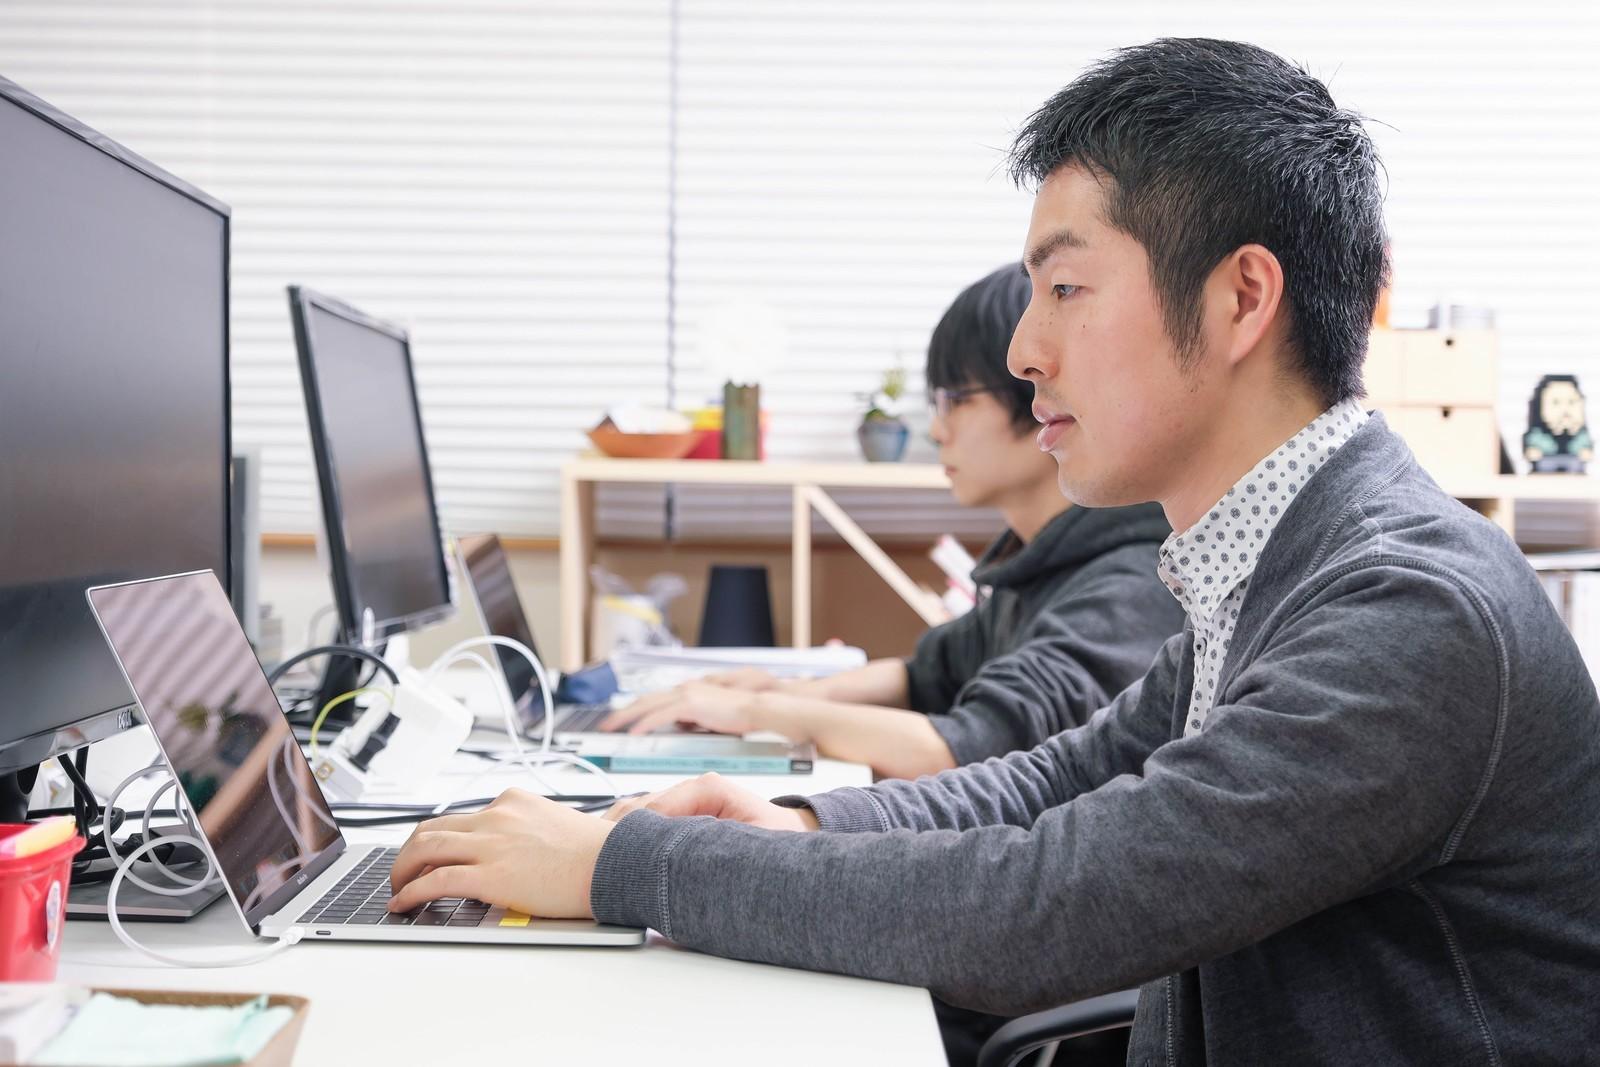 【Go/Ruby】膨大なユーザーデータを解析し、新しいライフスタイルを創出!クラウドエンジンを開発するサーバーサイドエンジニアを募集!